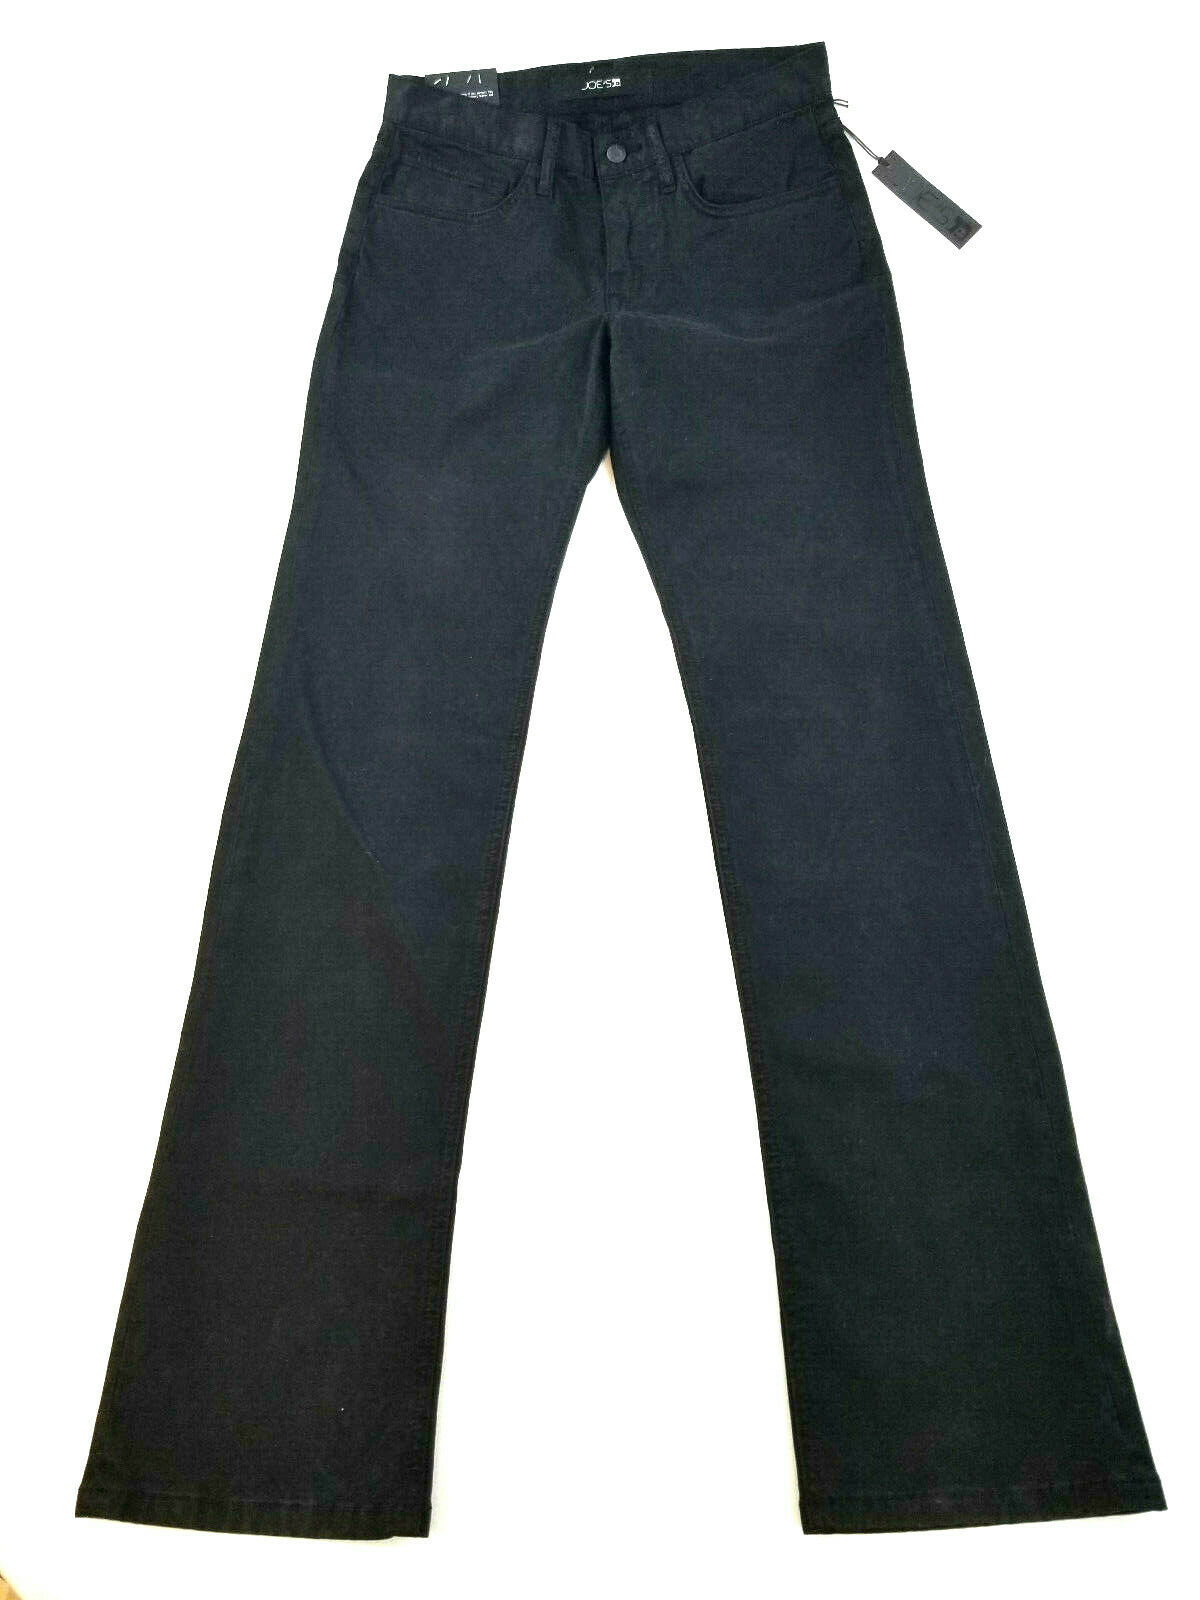 Nuovo JOE'S Uomo Jeans Brixton Dritto + Stretto Nero 29 29 29 Design in La ba423d